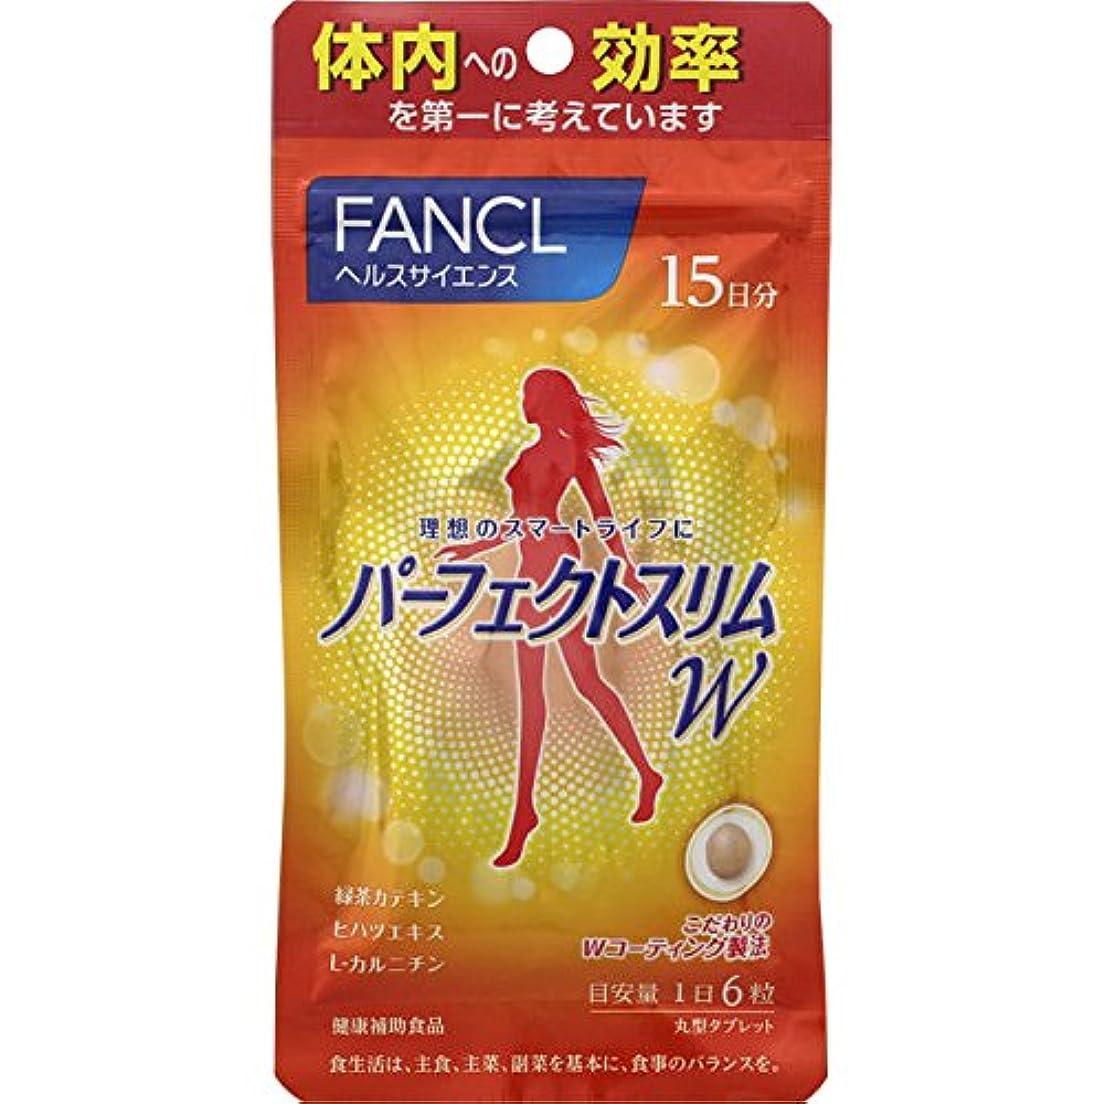 完璧な申請中必要条件FANCL ファンケル パーフェクトスリム W 15日分 (90粒) 緑茶カテキン ヒハツエキス